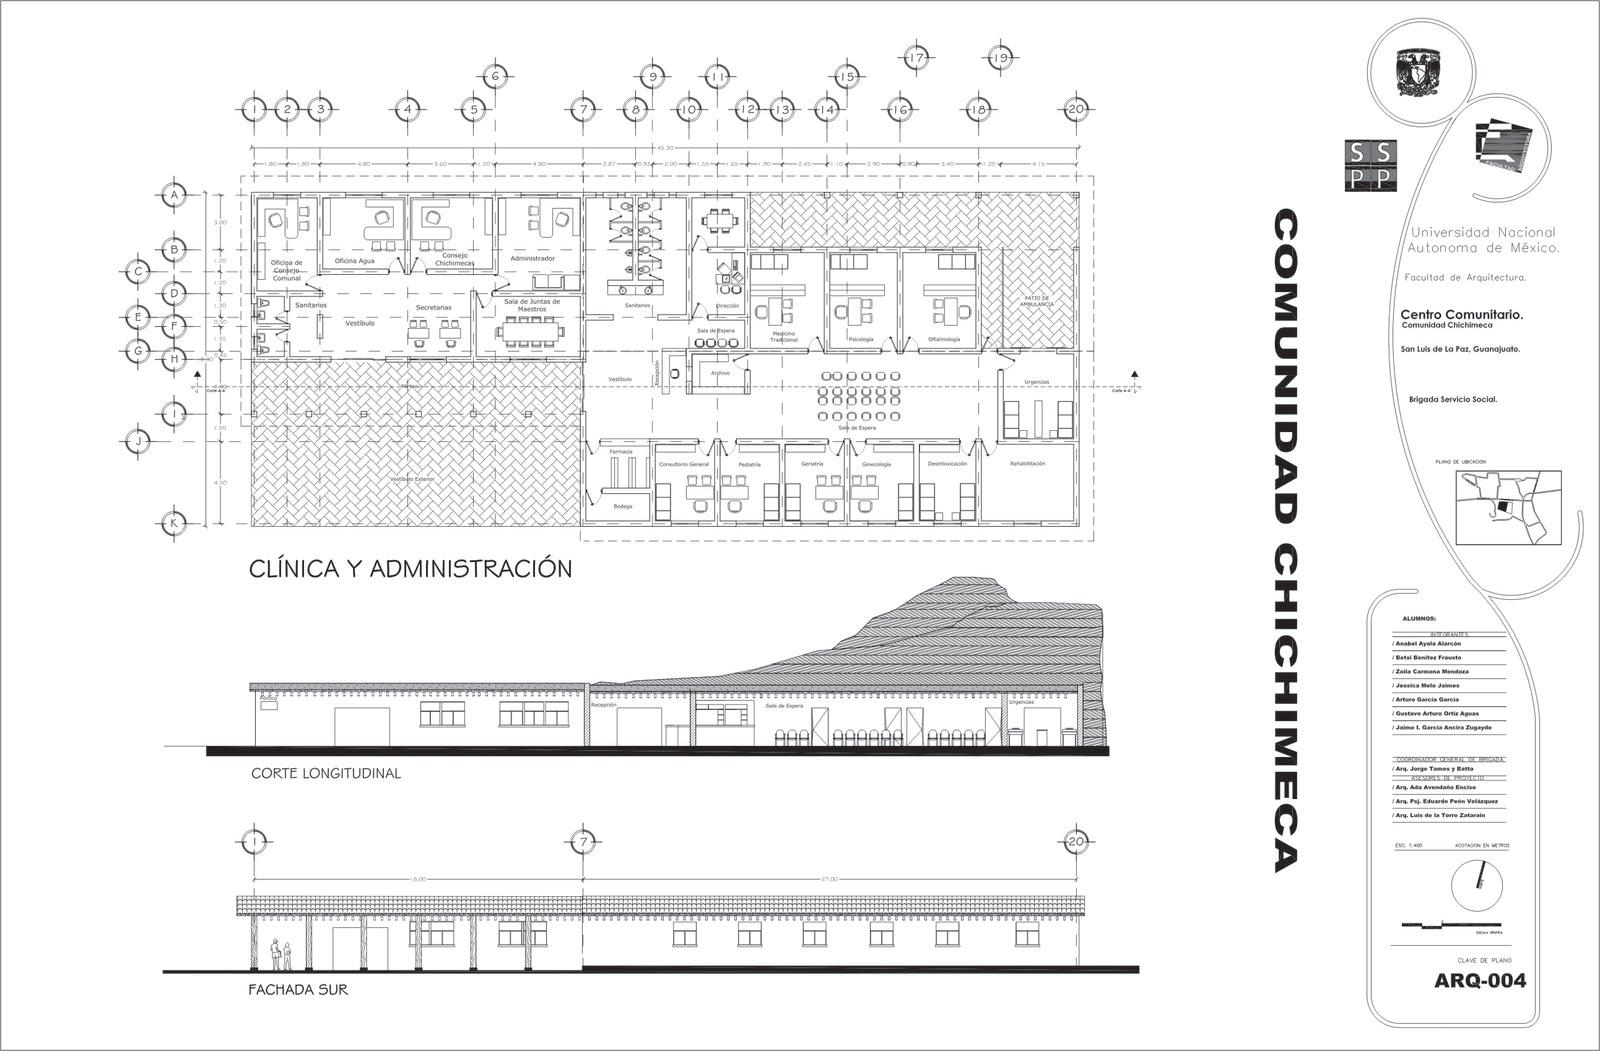 Facultad de arquitecura unam for Planos de arquitectura pdf